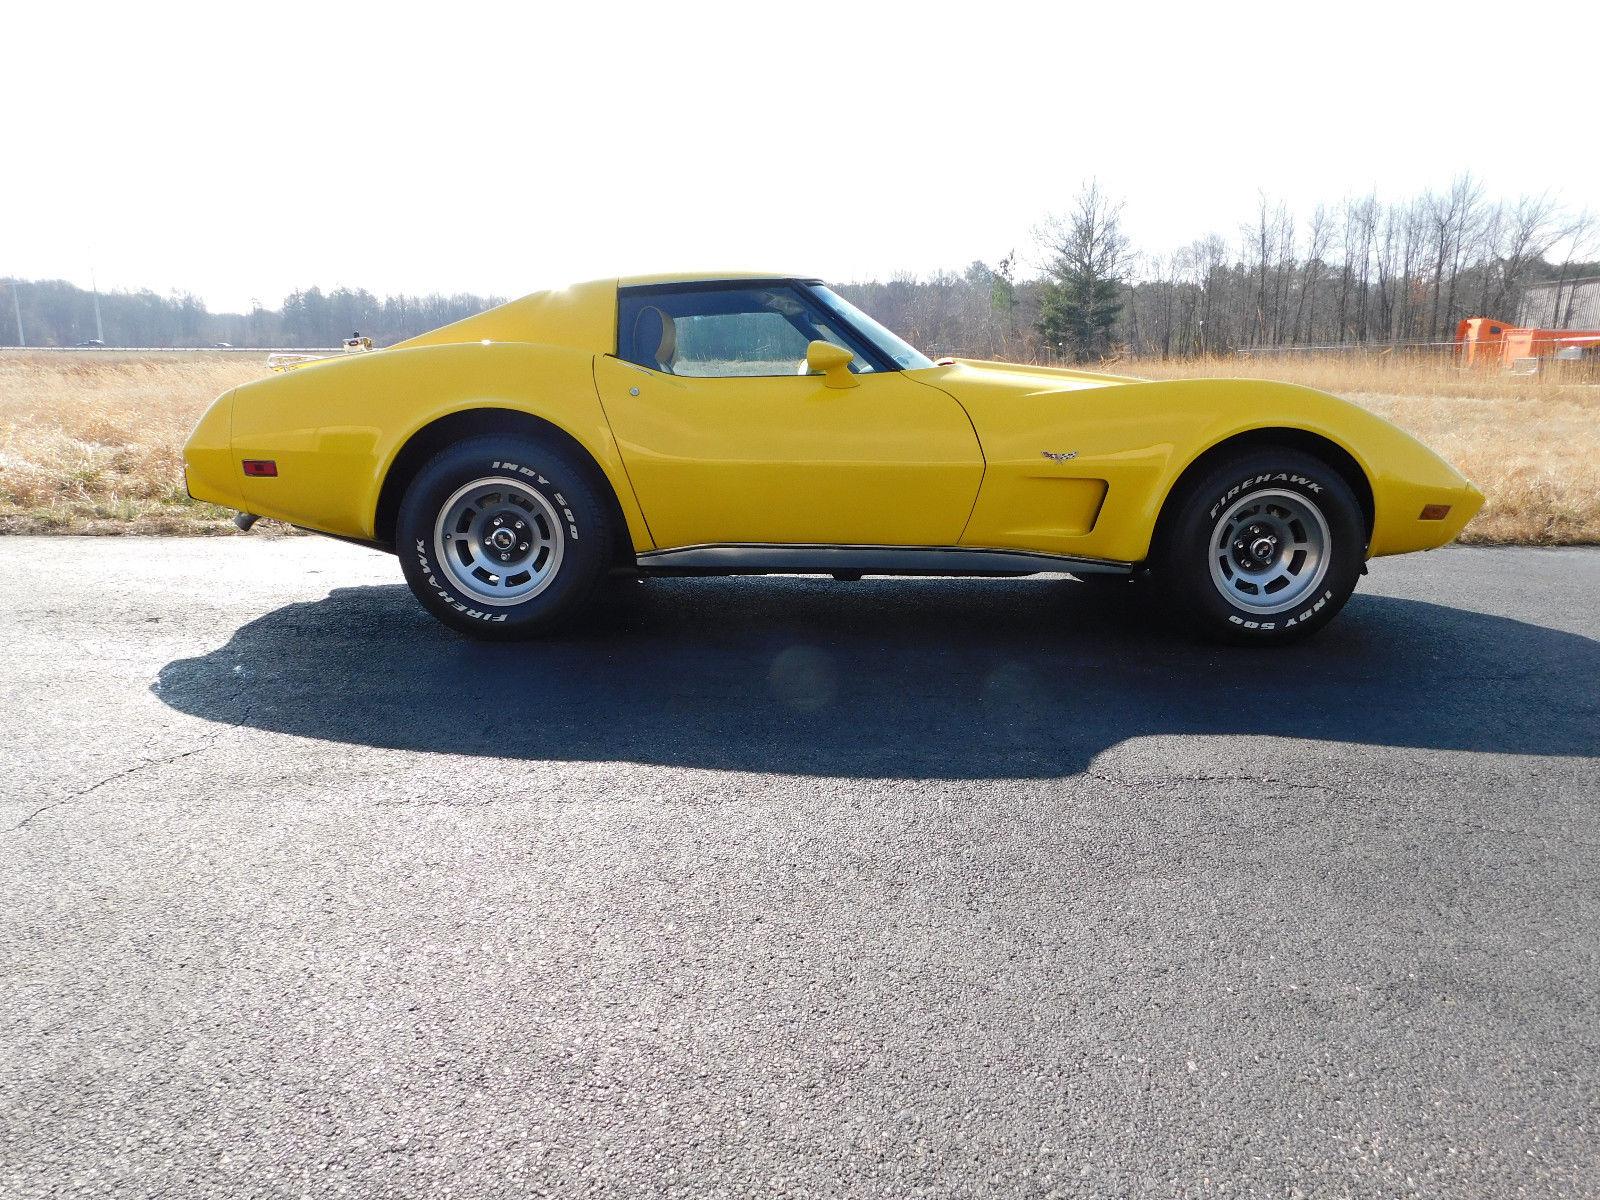 1977 Chevrolet Corvette profile